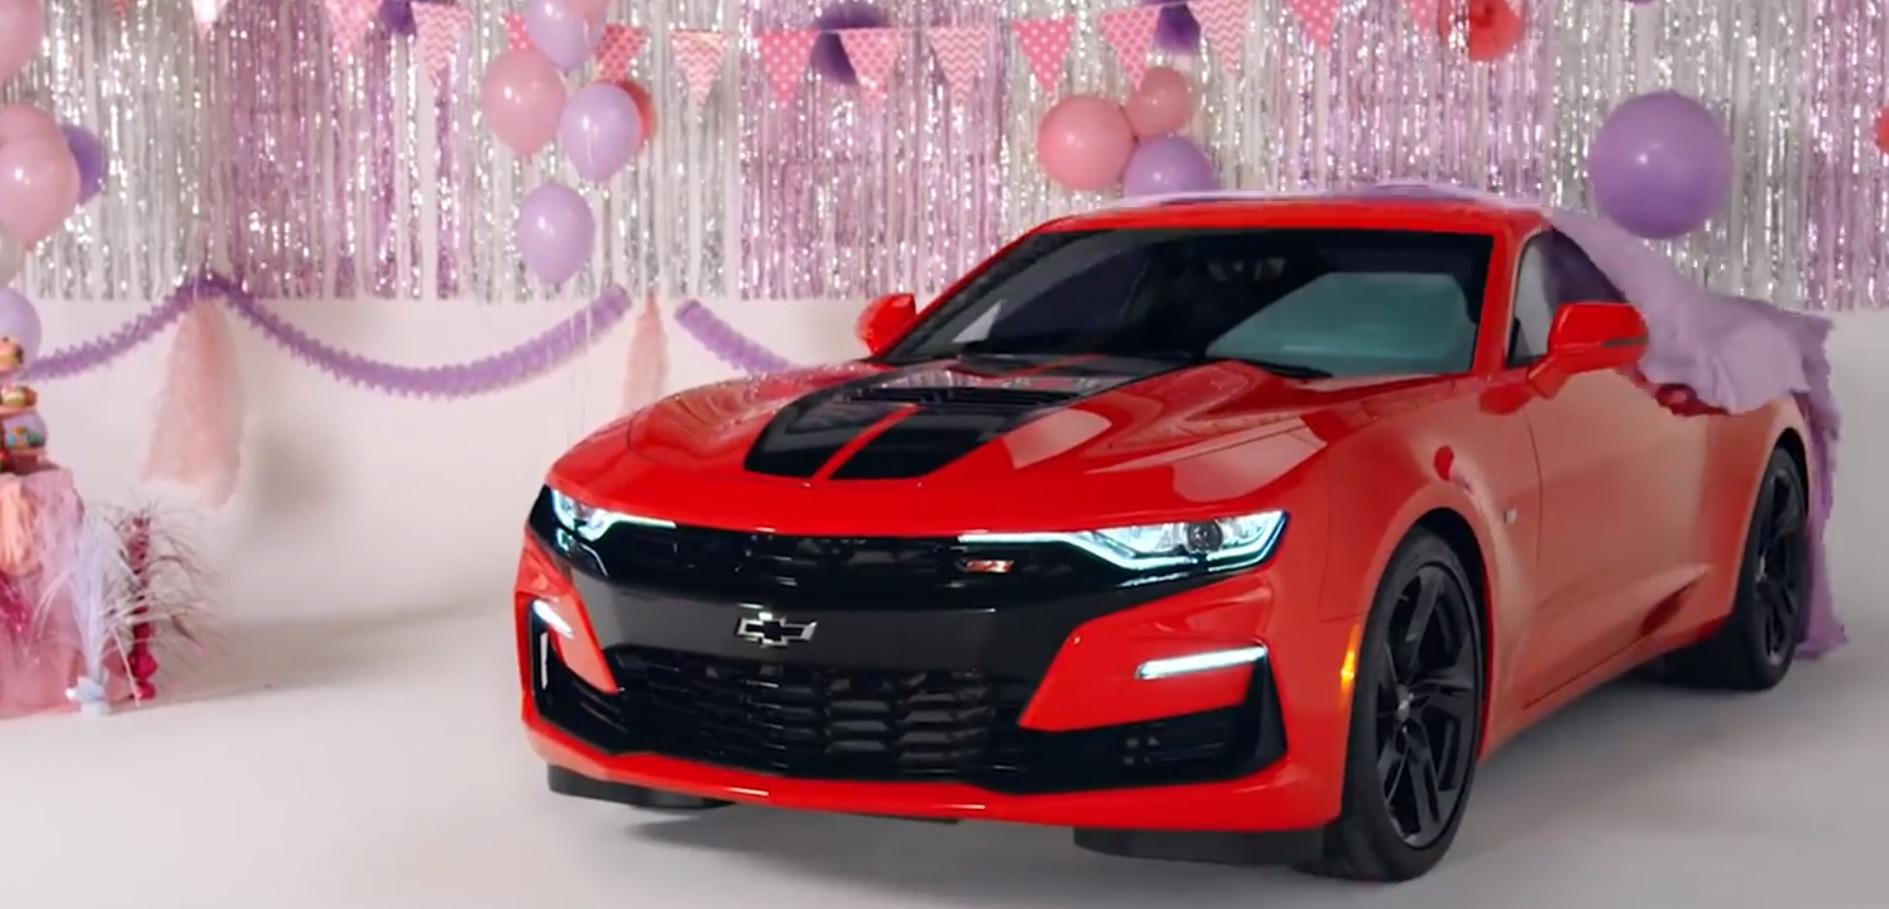 Компания Chevrolet дерзко поздравила Ford Mustang с юбилеем